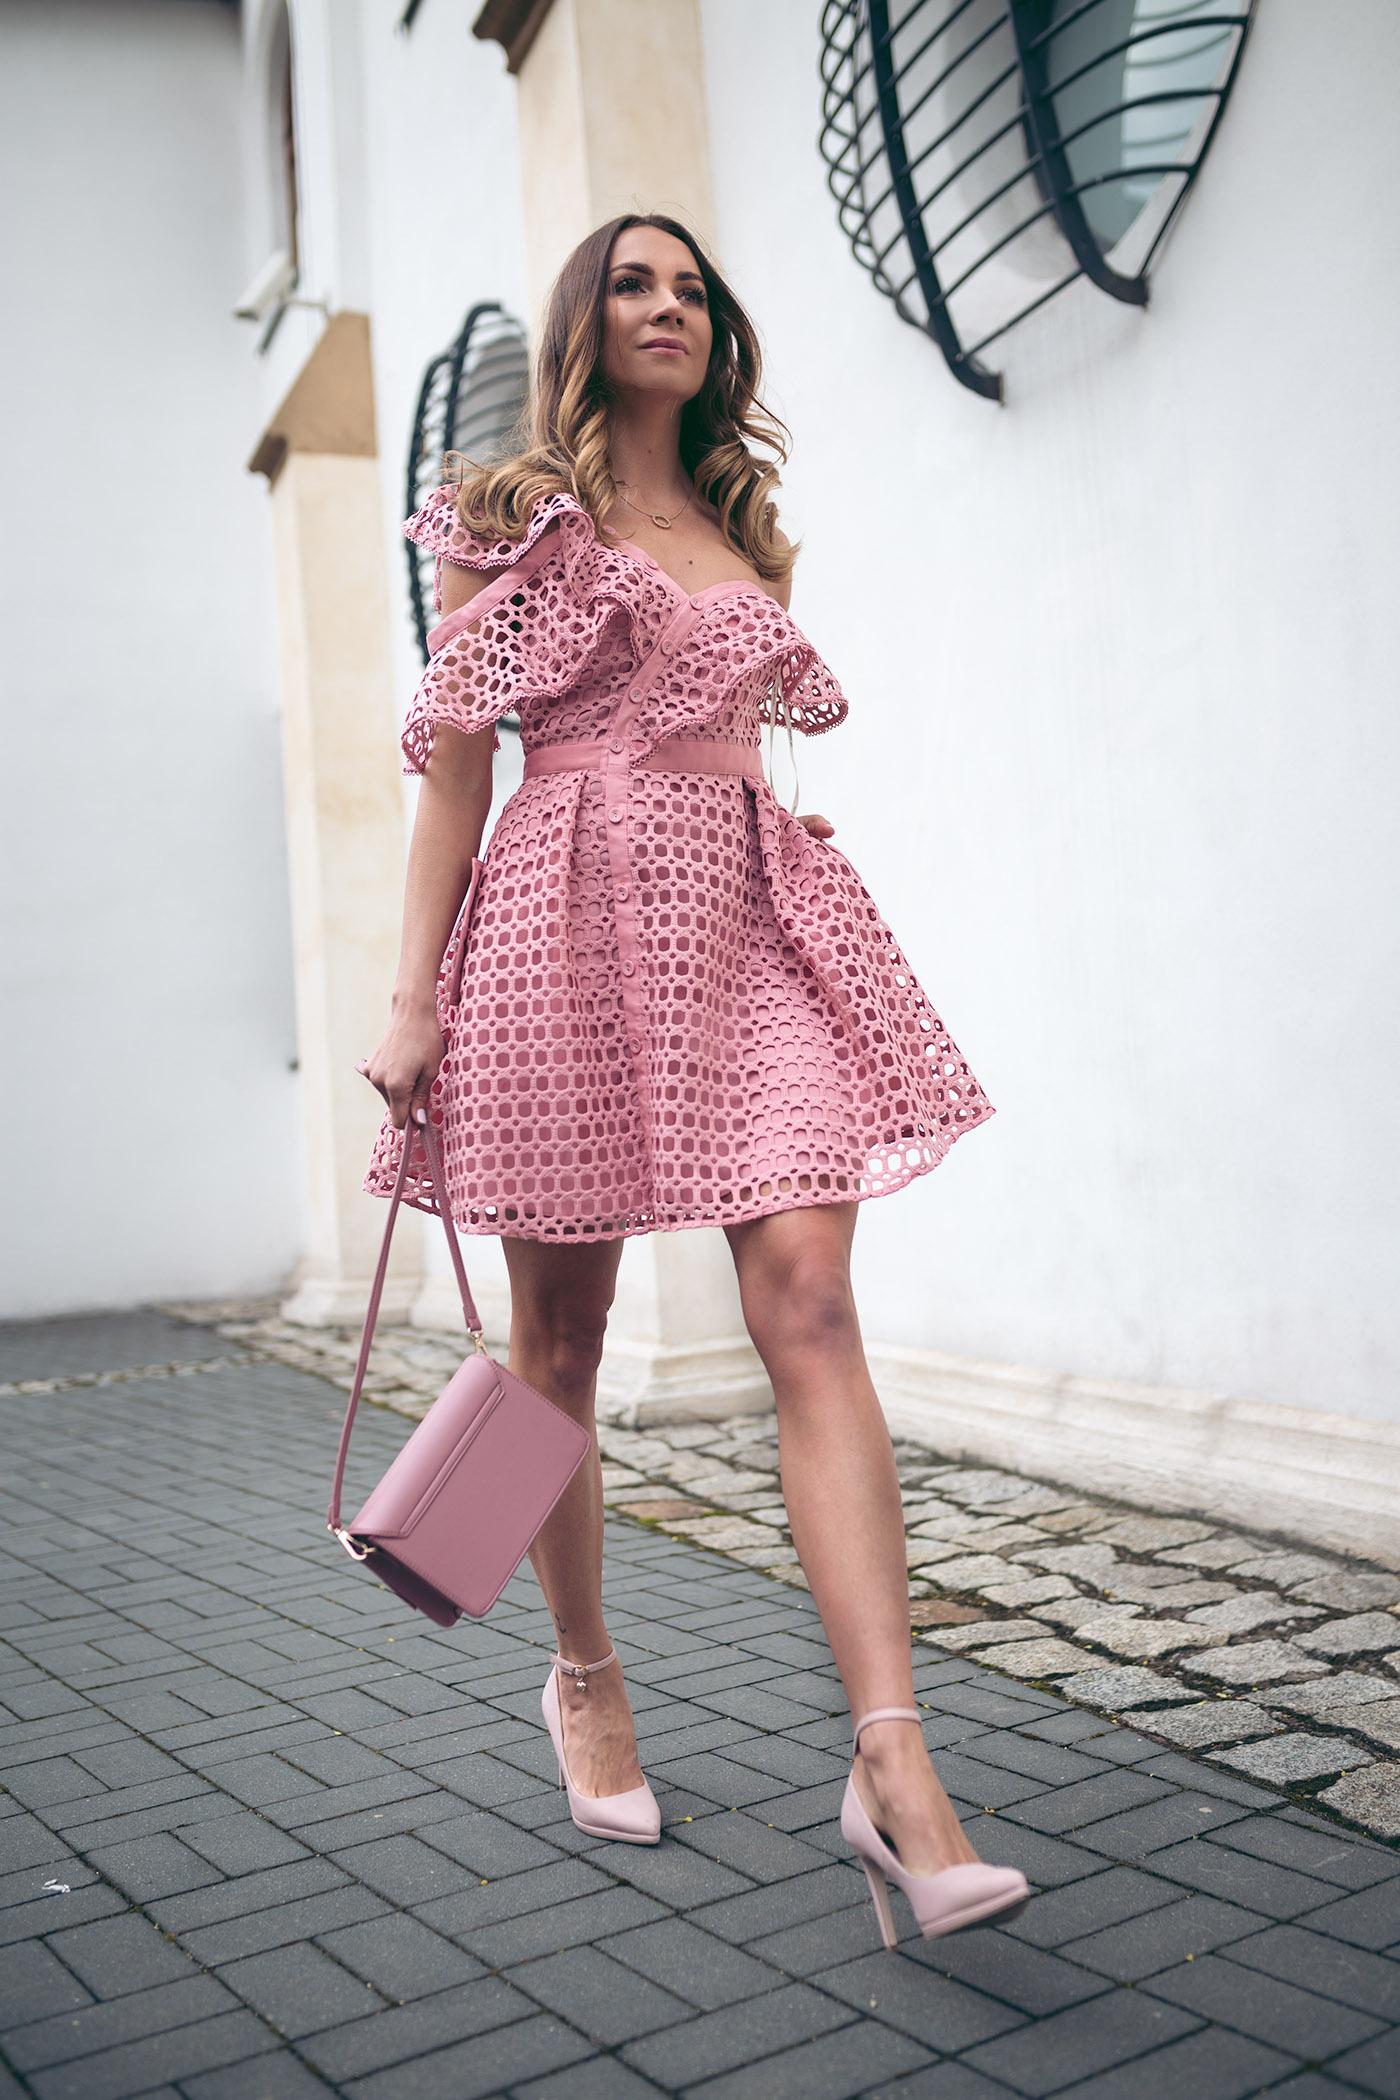 Sukienka Self Portrait, wypożyczalnia sukienek od projektantów, Self Portrait różowa, Love The Dress, najmodniejsza mama, love the dress